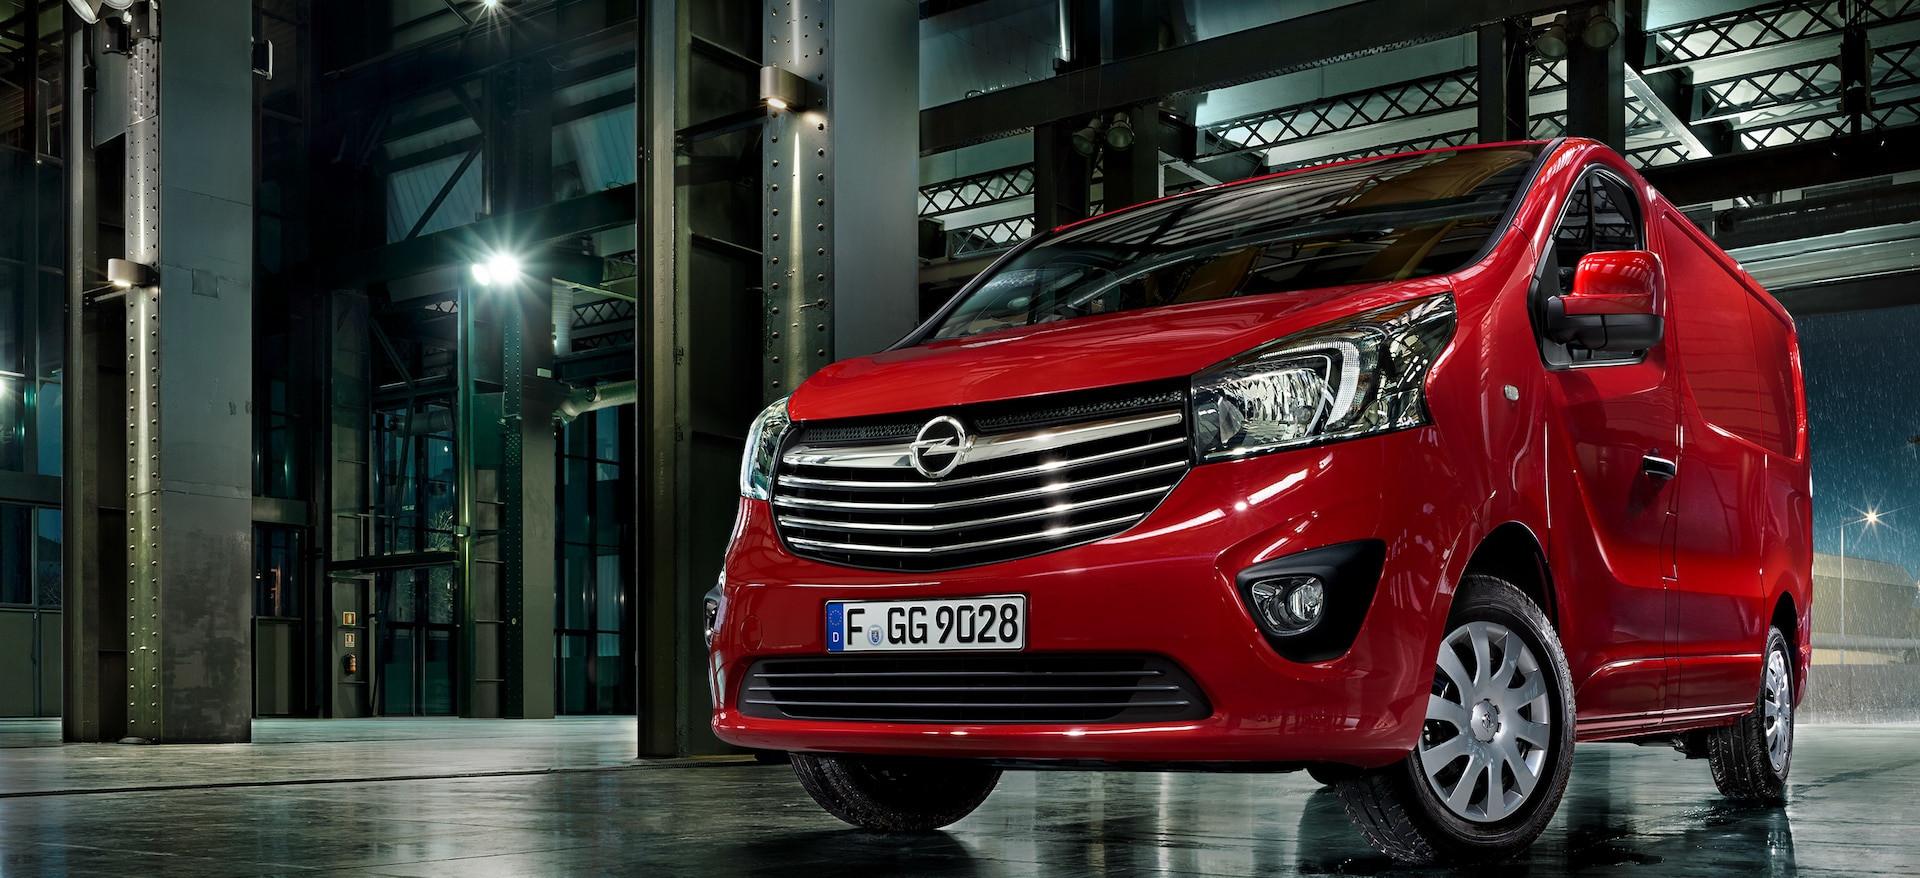 Opel_Vivaro_Van__21x9_vi15_e01_699_2.jpg